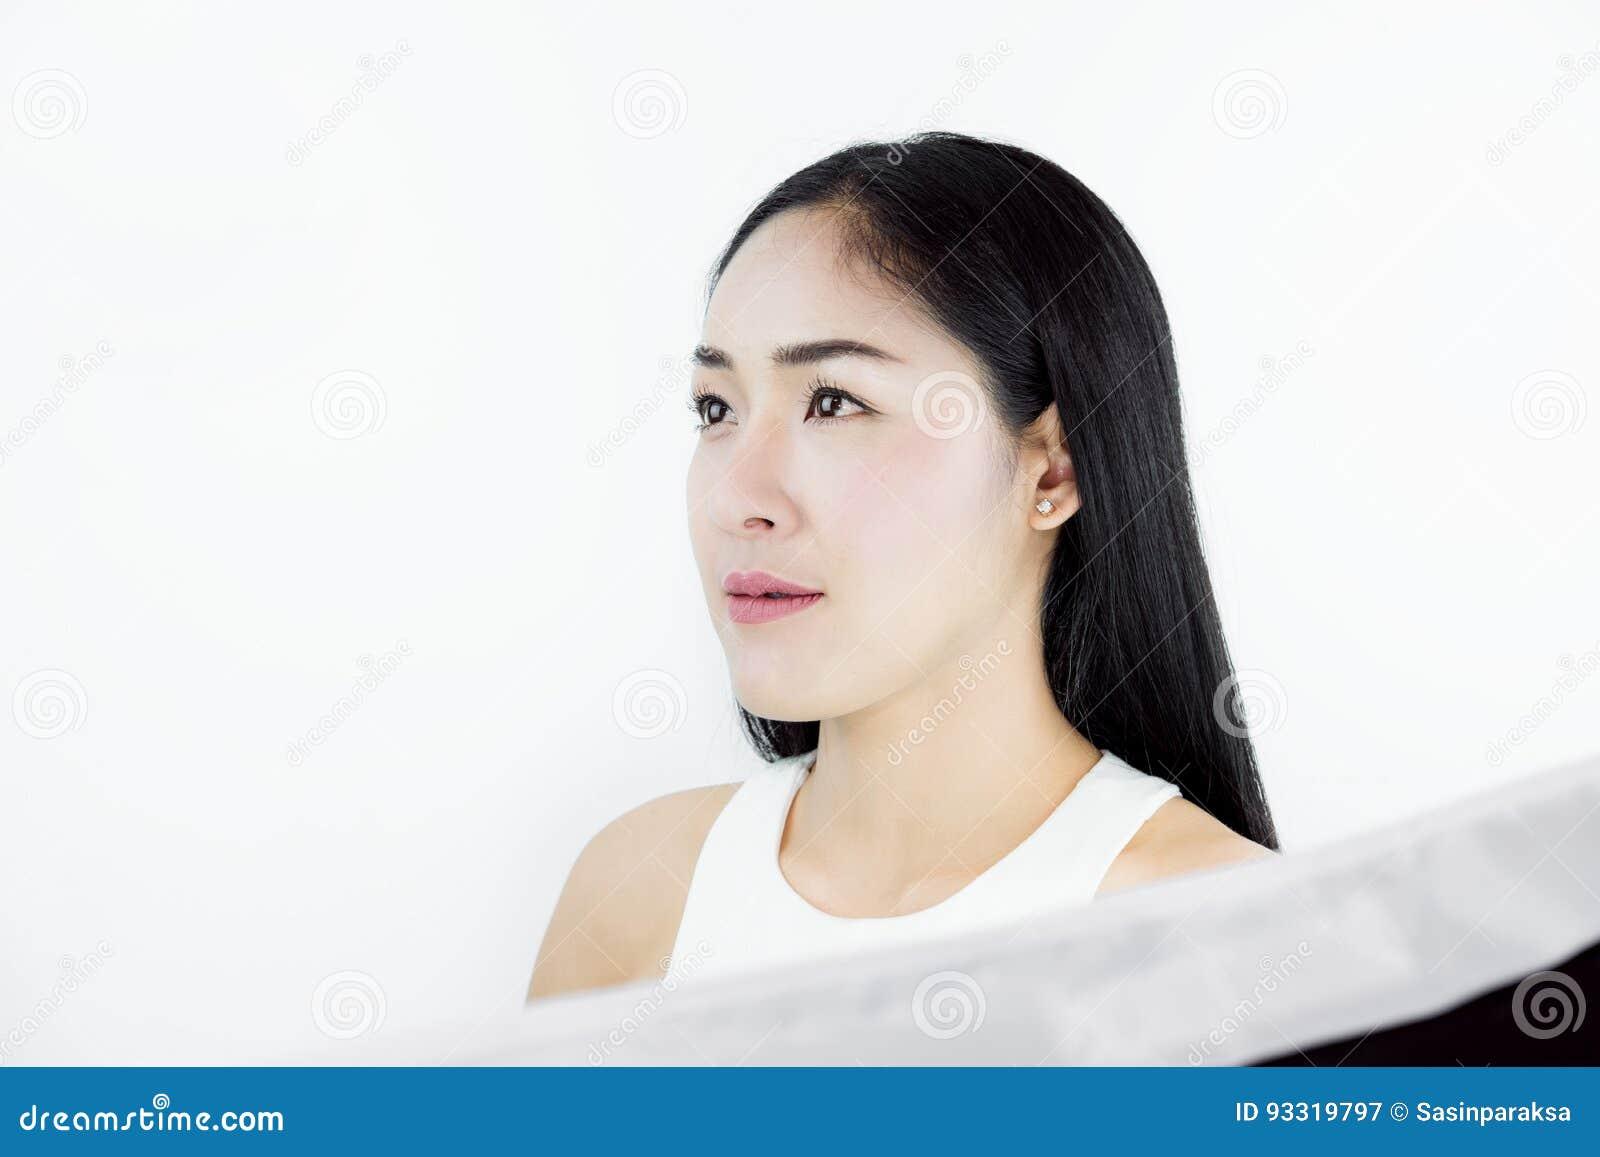 Geschotene studio, Mooie Aziatische Vrouw met Zwart Haar, met Gezonde Huid, op witte achtergrond